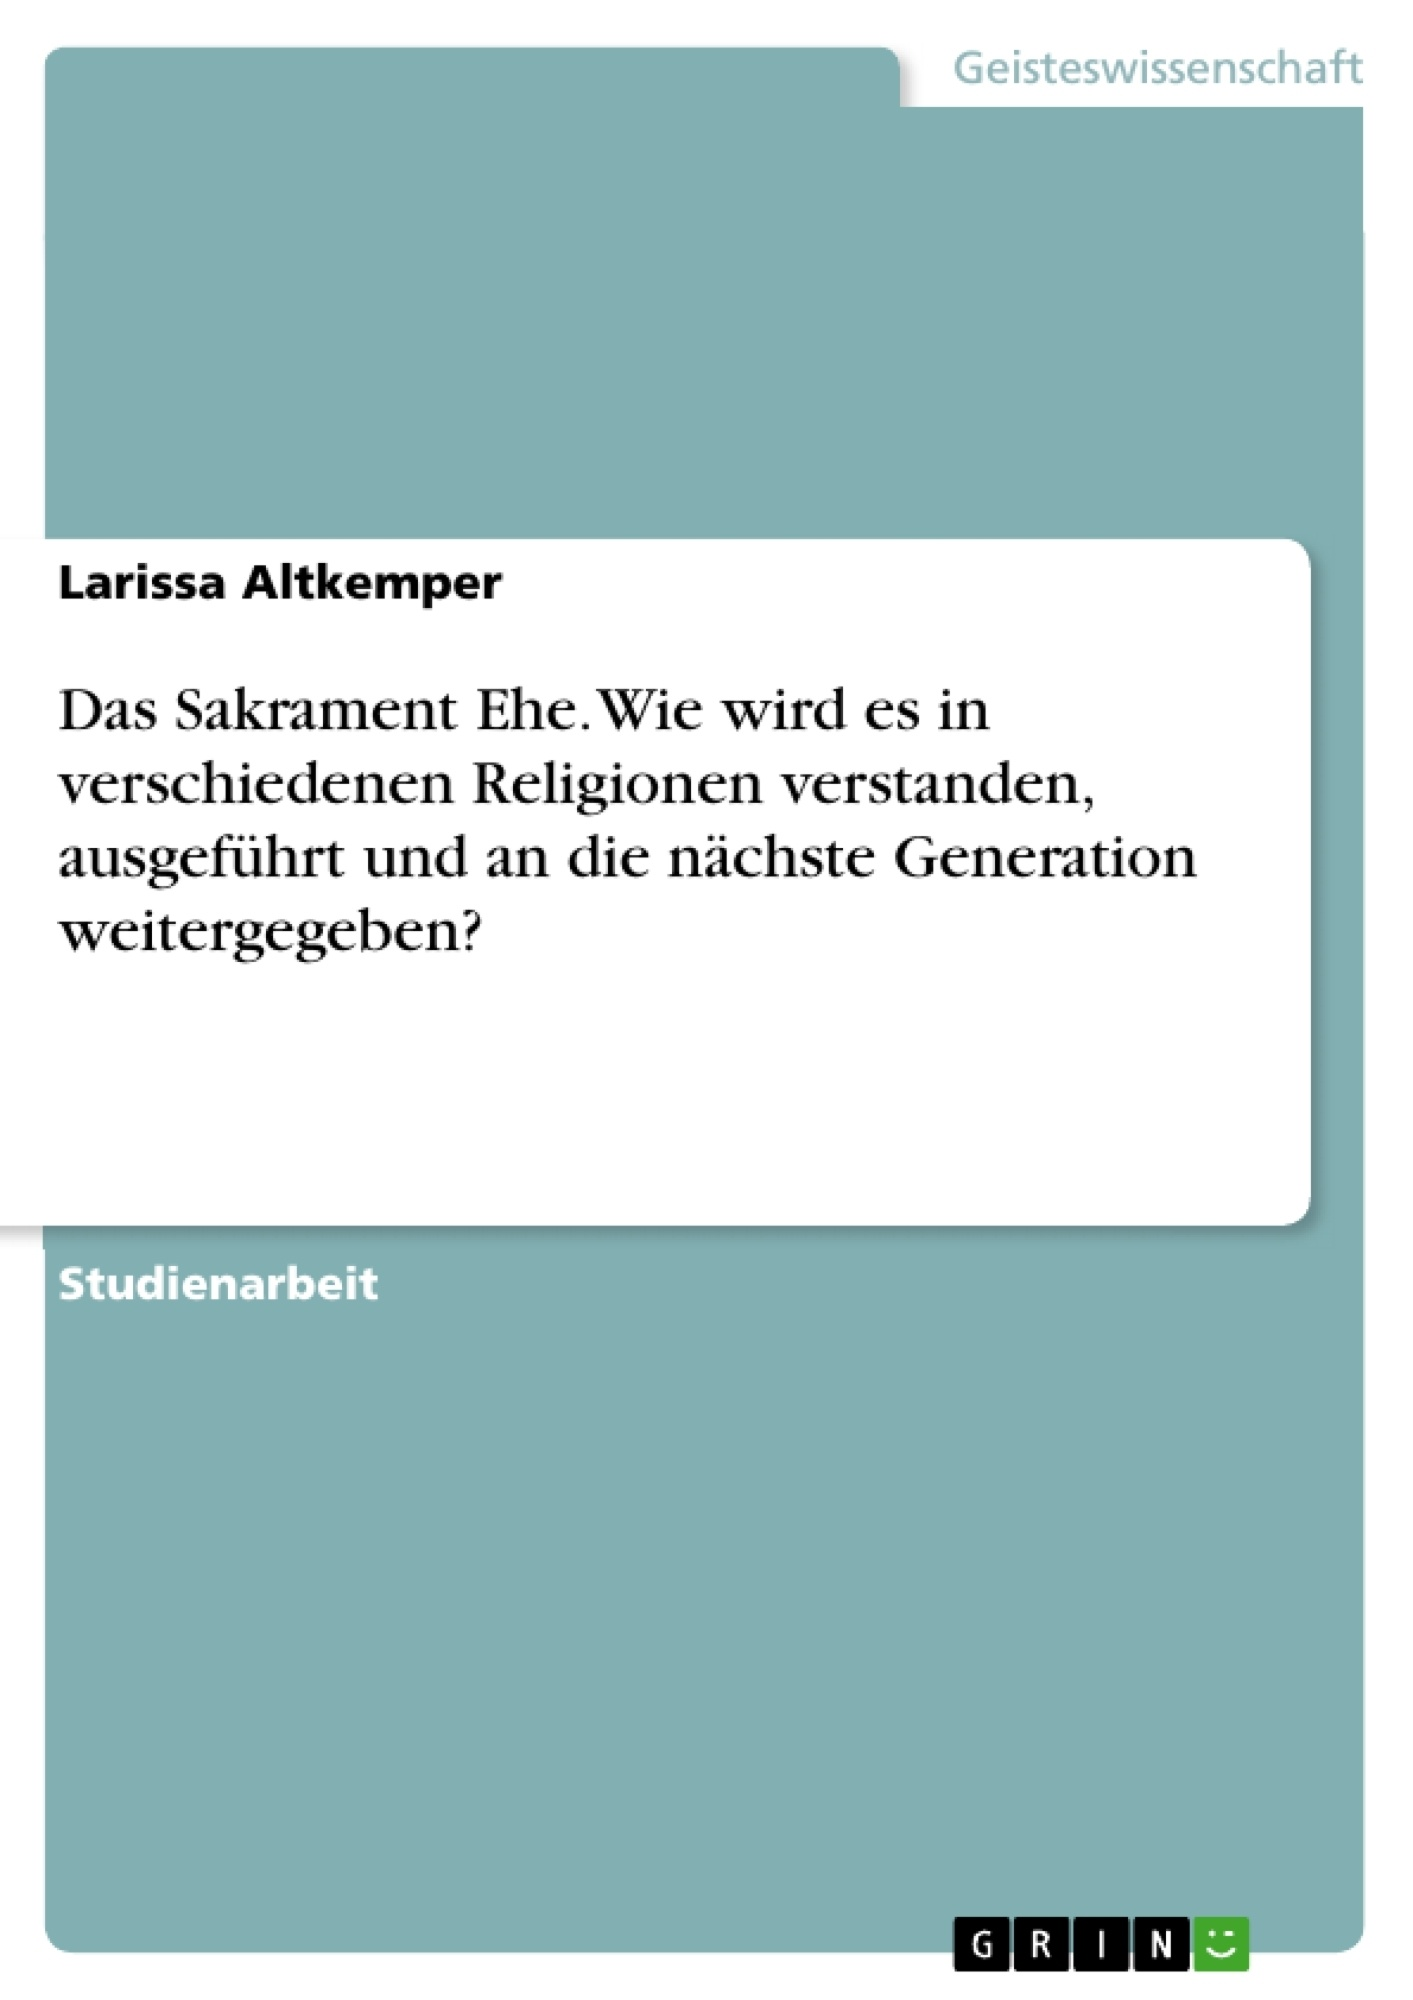 Titel: Das Sakrament Ehe. Wie wird es in verschiedenen Religionen verstanden, ausgeführt und an die nächste Generation weitergegeben?